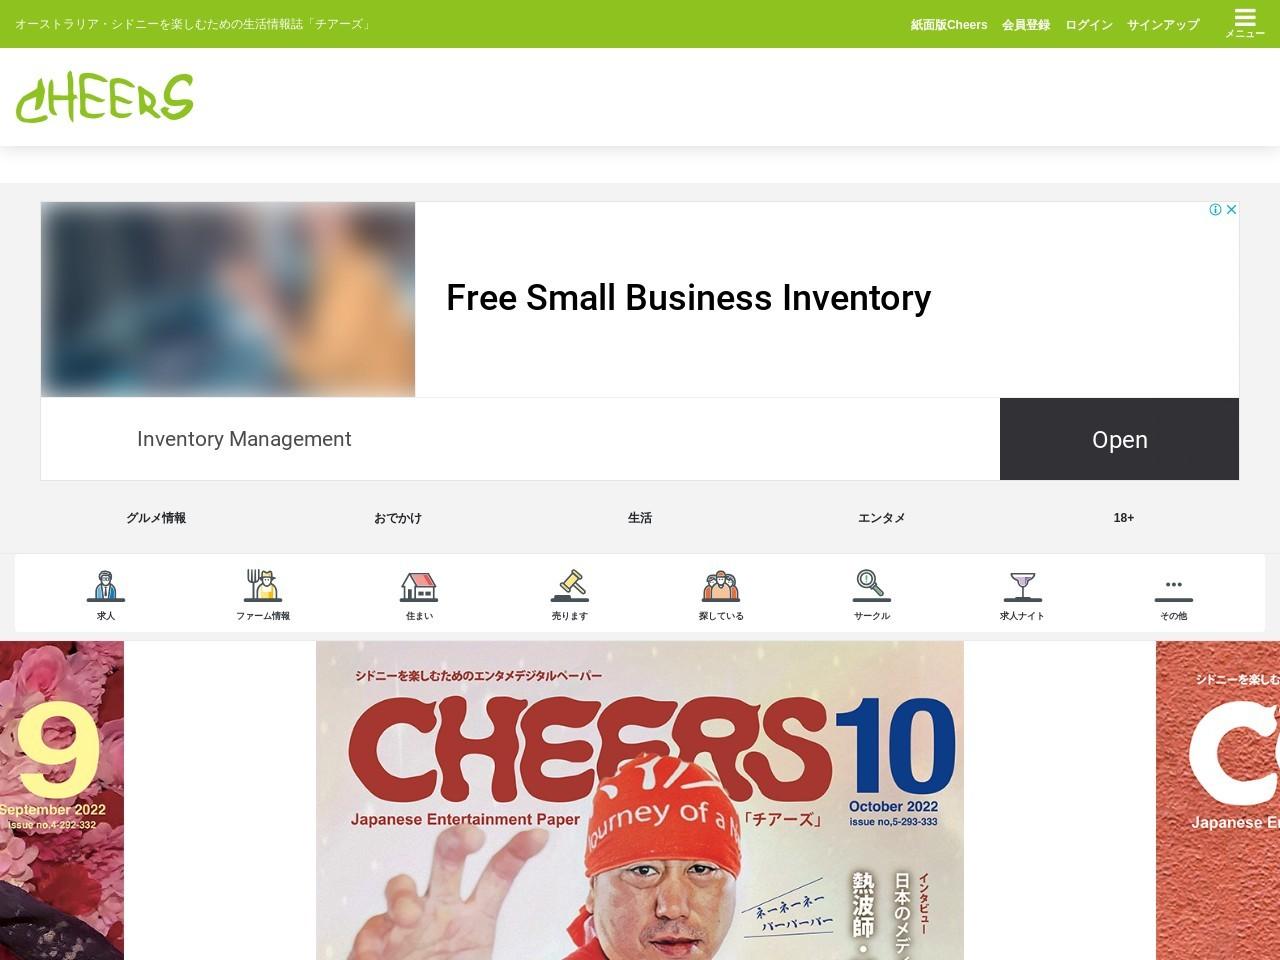 Cheersのウェブサイトのスクリーンショット画像